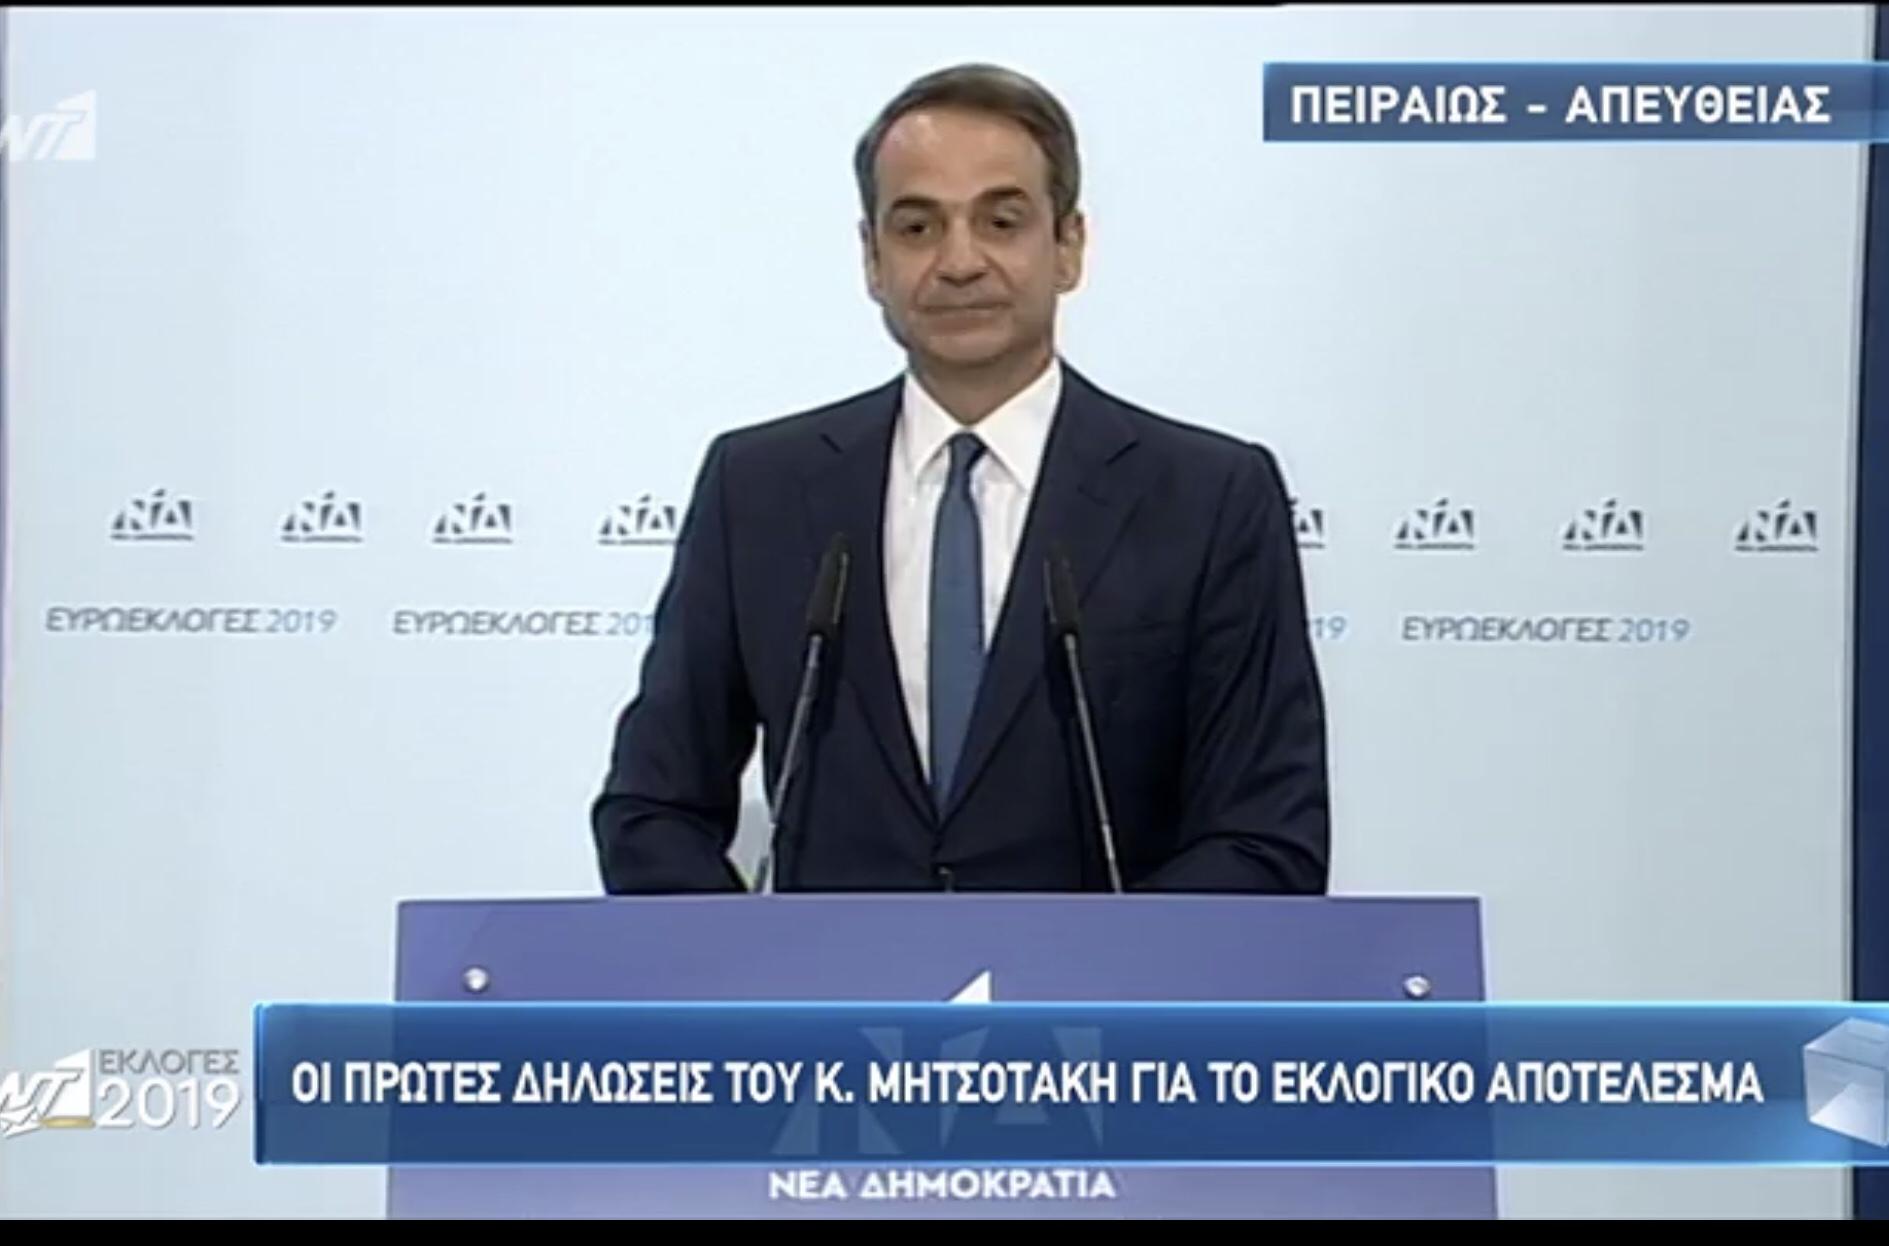 Τώρα – πρόωρες εκλογές ζητά ο Κυριάκος Μητσοτάκης και για πρώτη φορά έχει δίκιο.